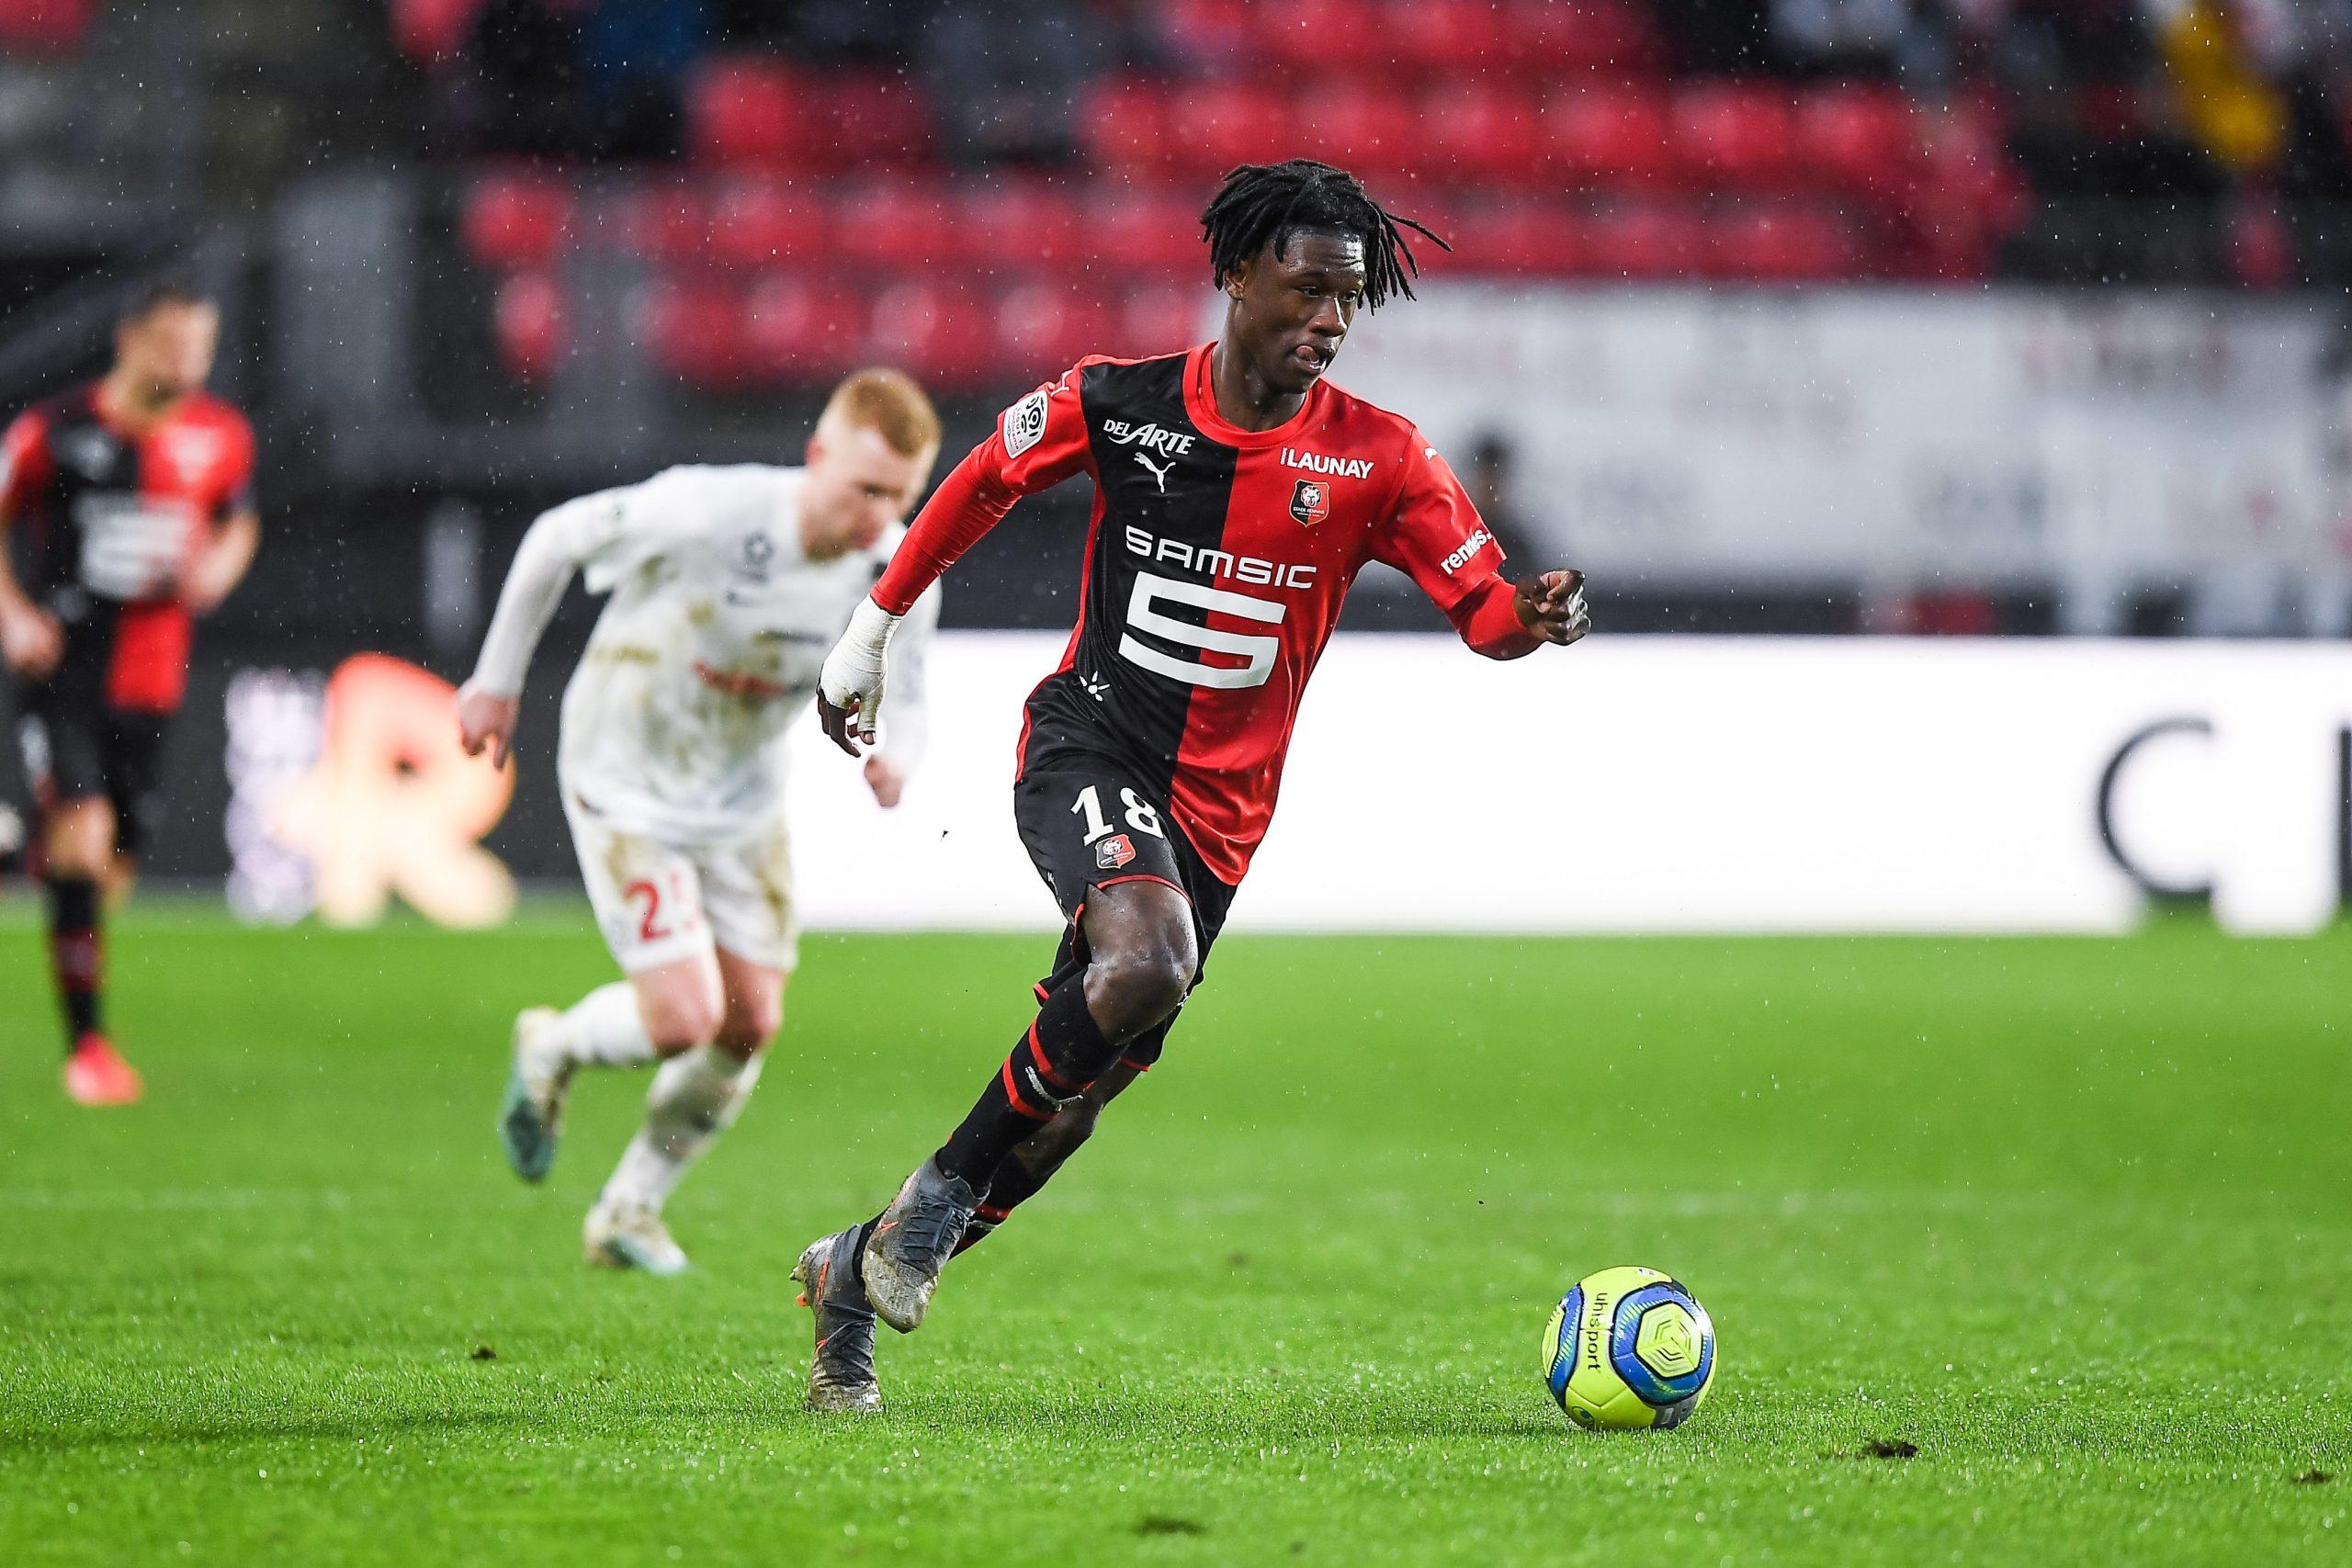 Mercato - Le PSG «suit de loin» Camavinga et Rennes ne veut pas le vendre, selon RMC Sport